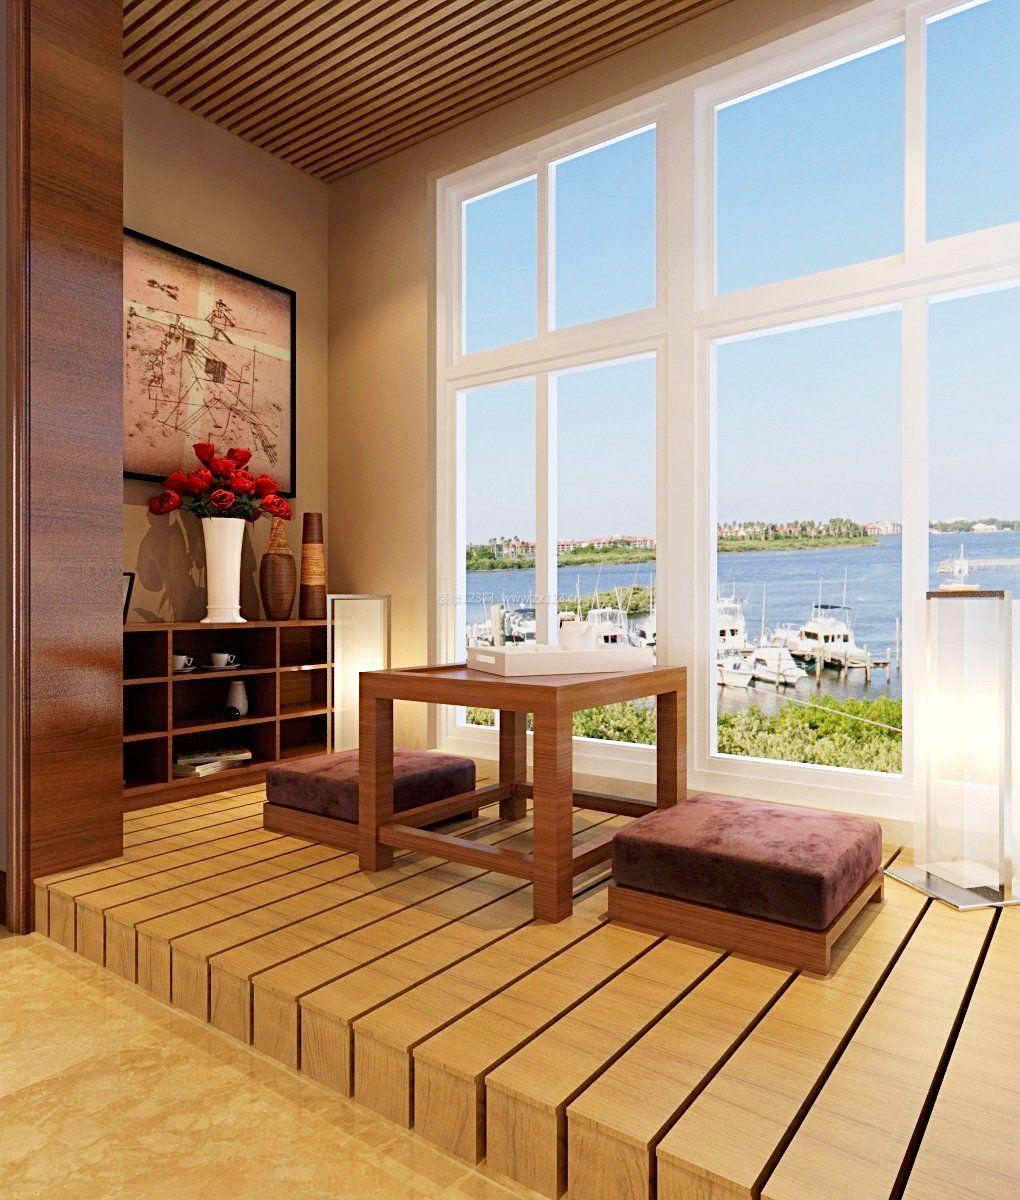 客厅阳台榻榻米装修效果图片